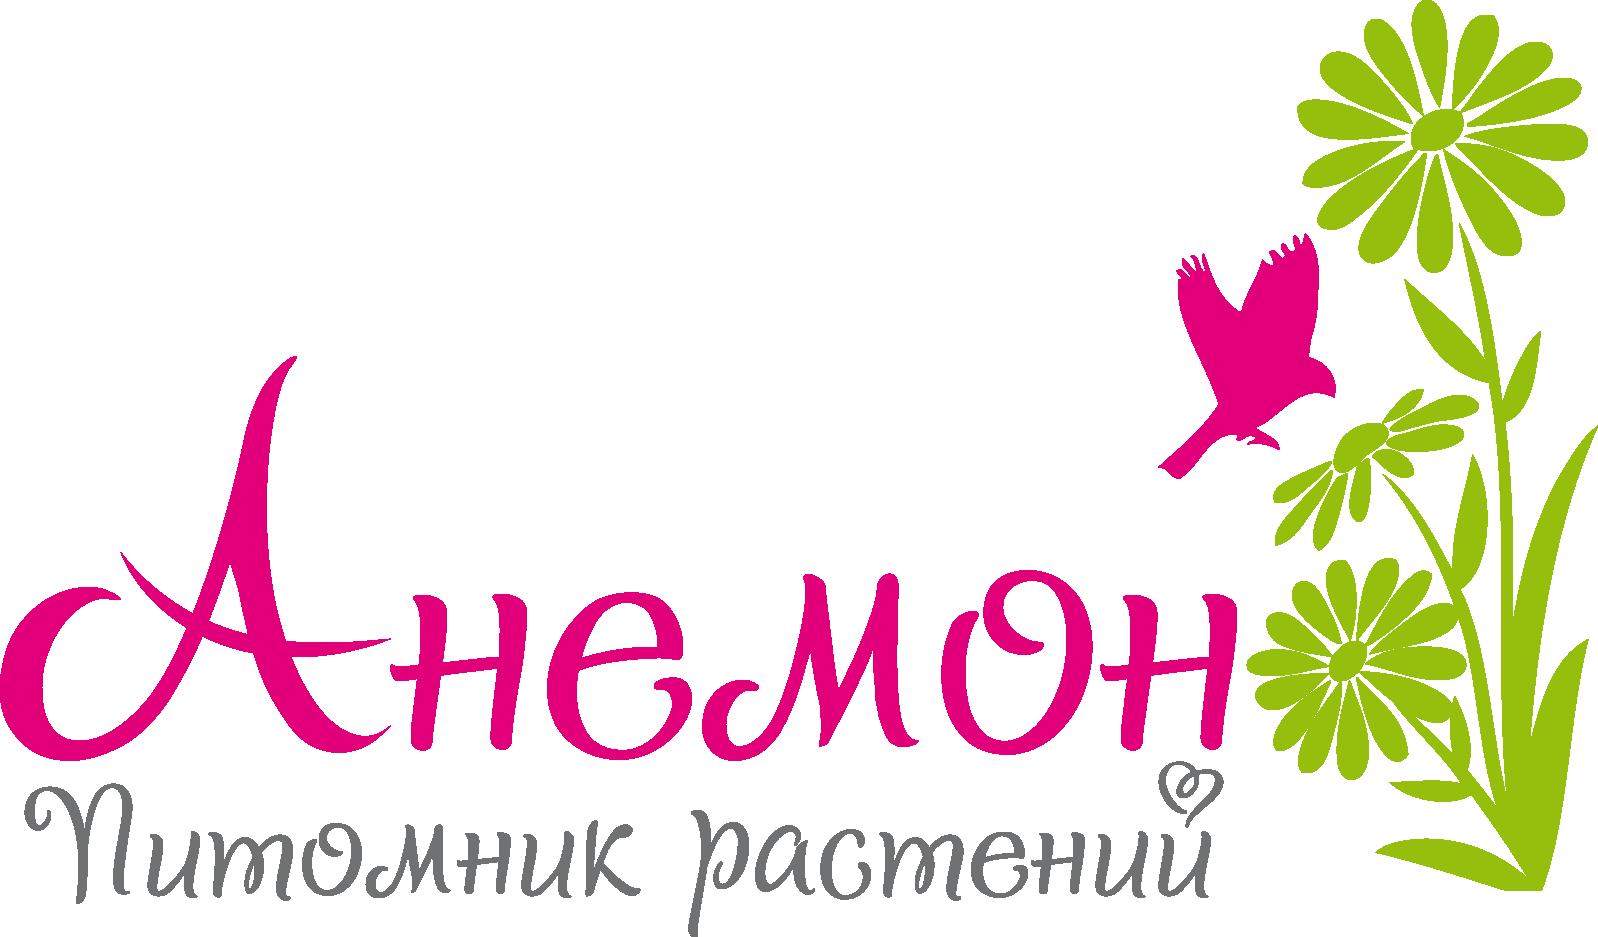 Саратовский питомник растений Анемон